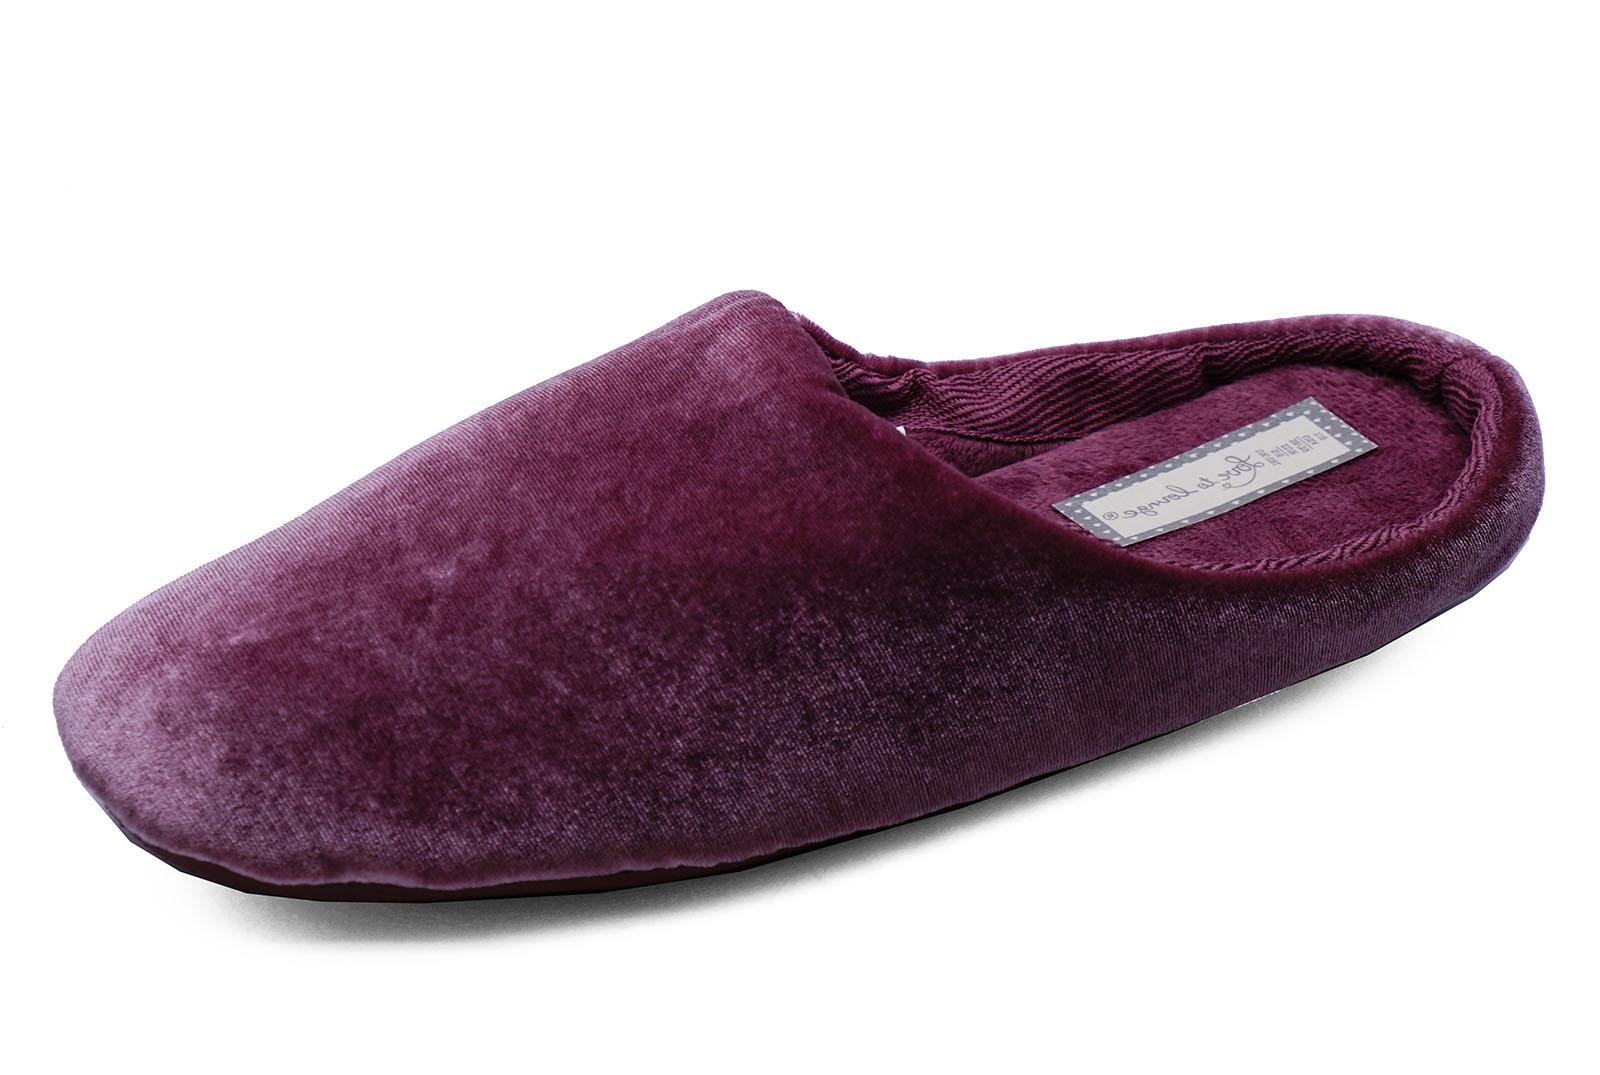 Mujer Rosa Sin Cordones Cómodo Zapatos Talón Cálido Interior Zapatillas HOUSE